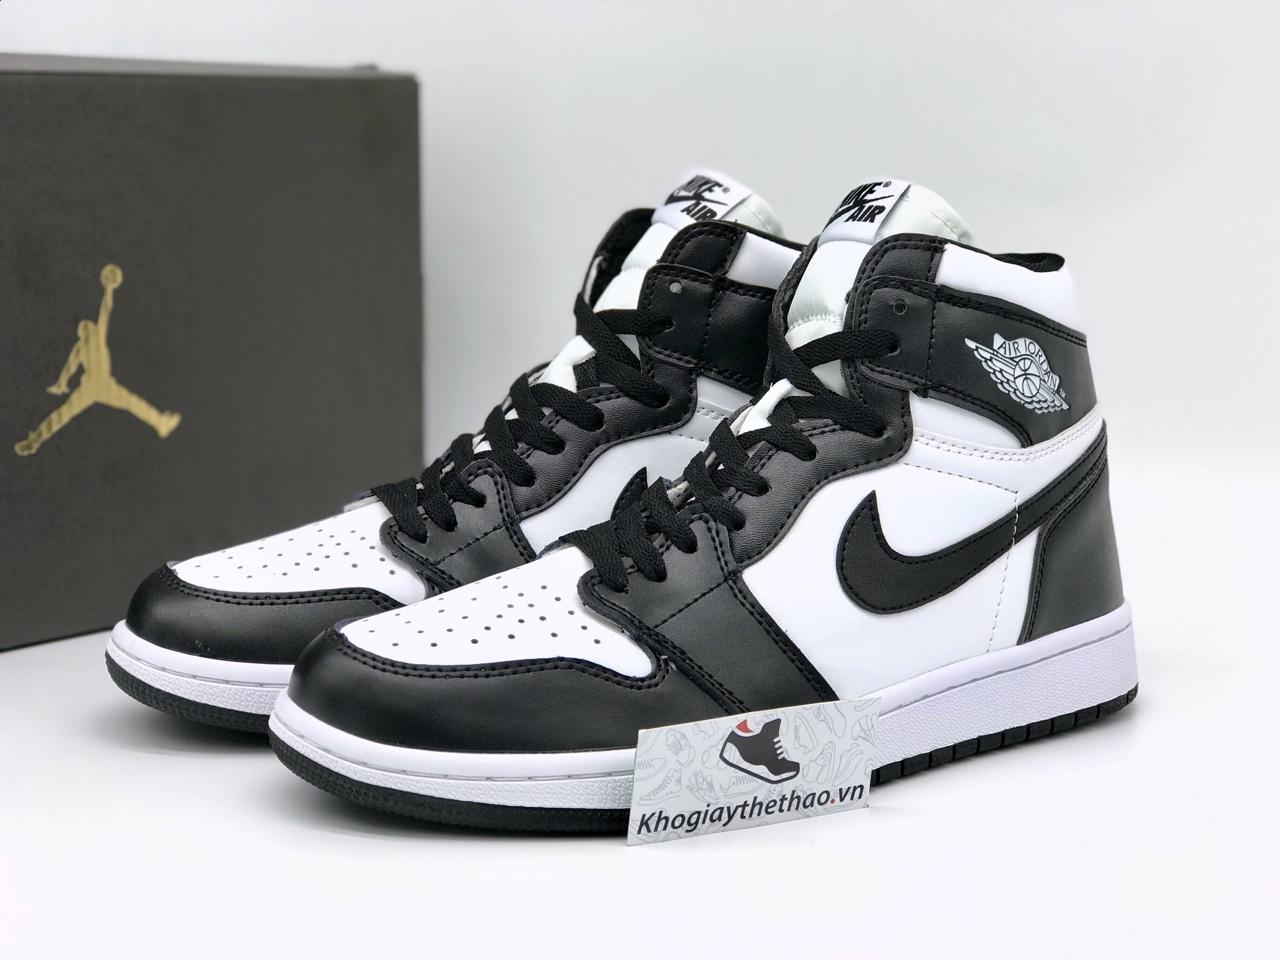 Giày nike air jordan 1 high đen trắng rep